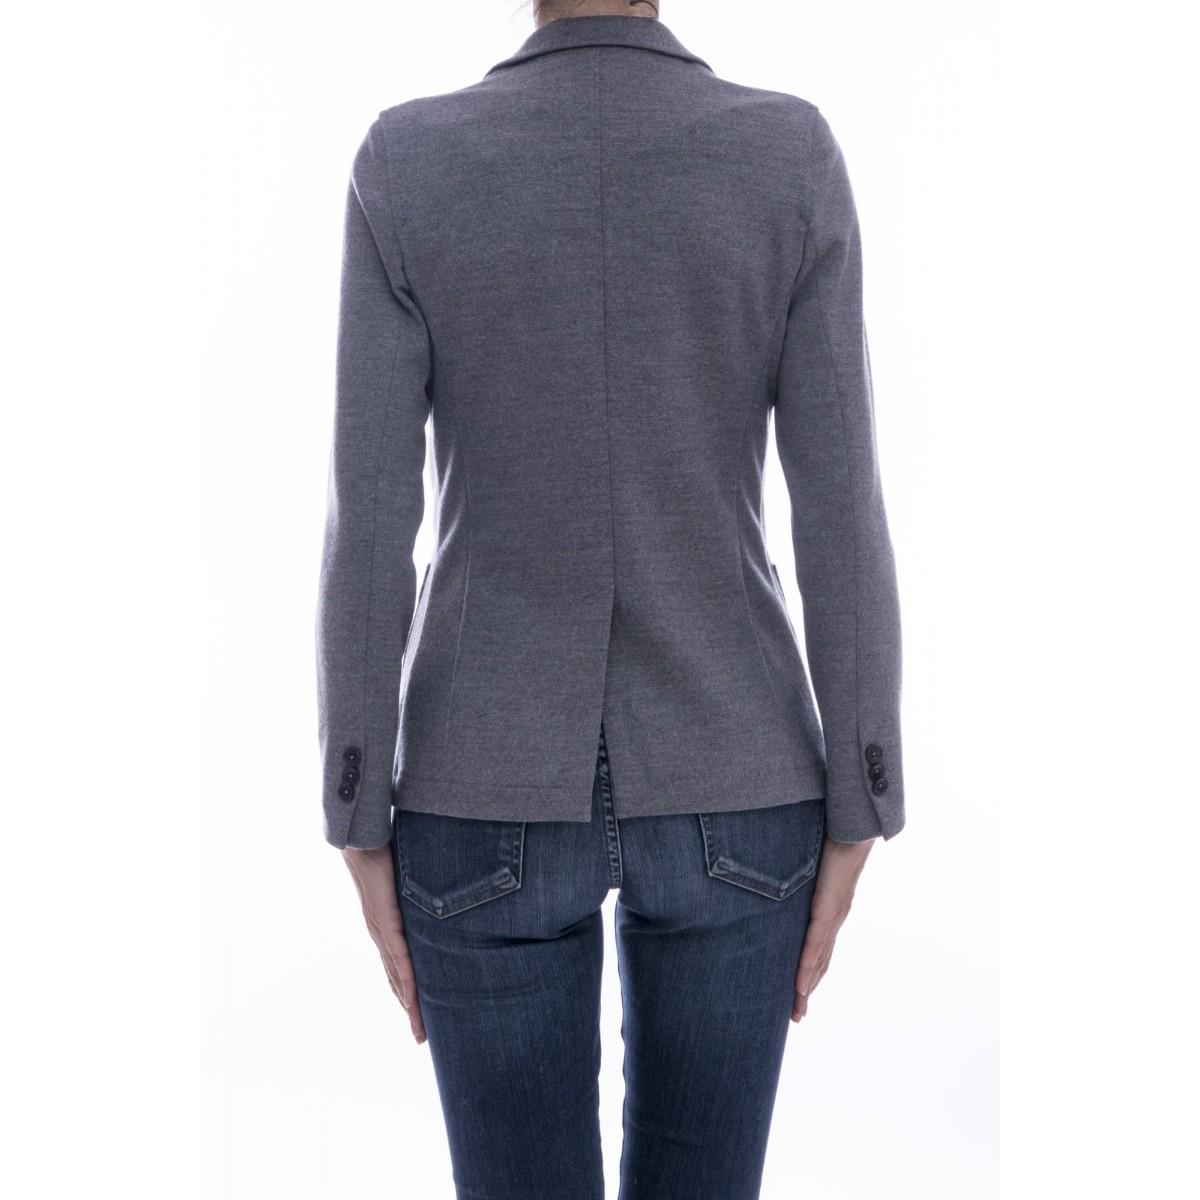 Giacca Circolo 1901 - Fd732 giacca lana jersey